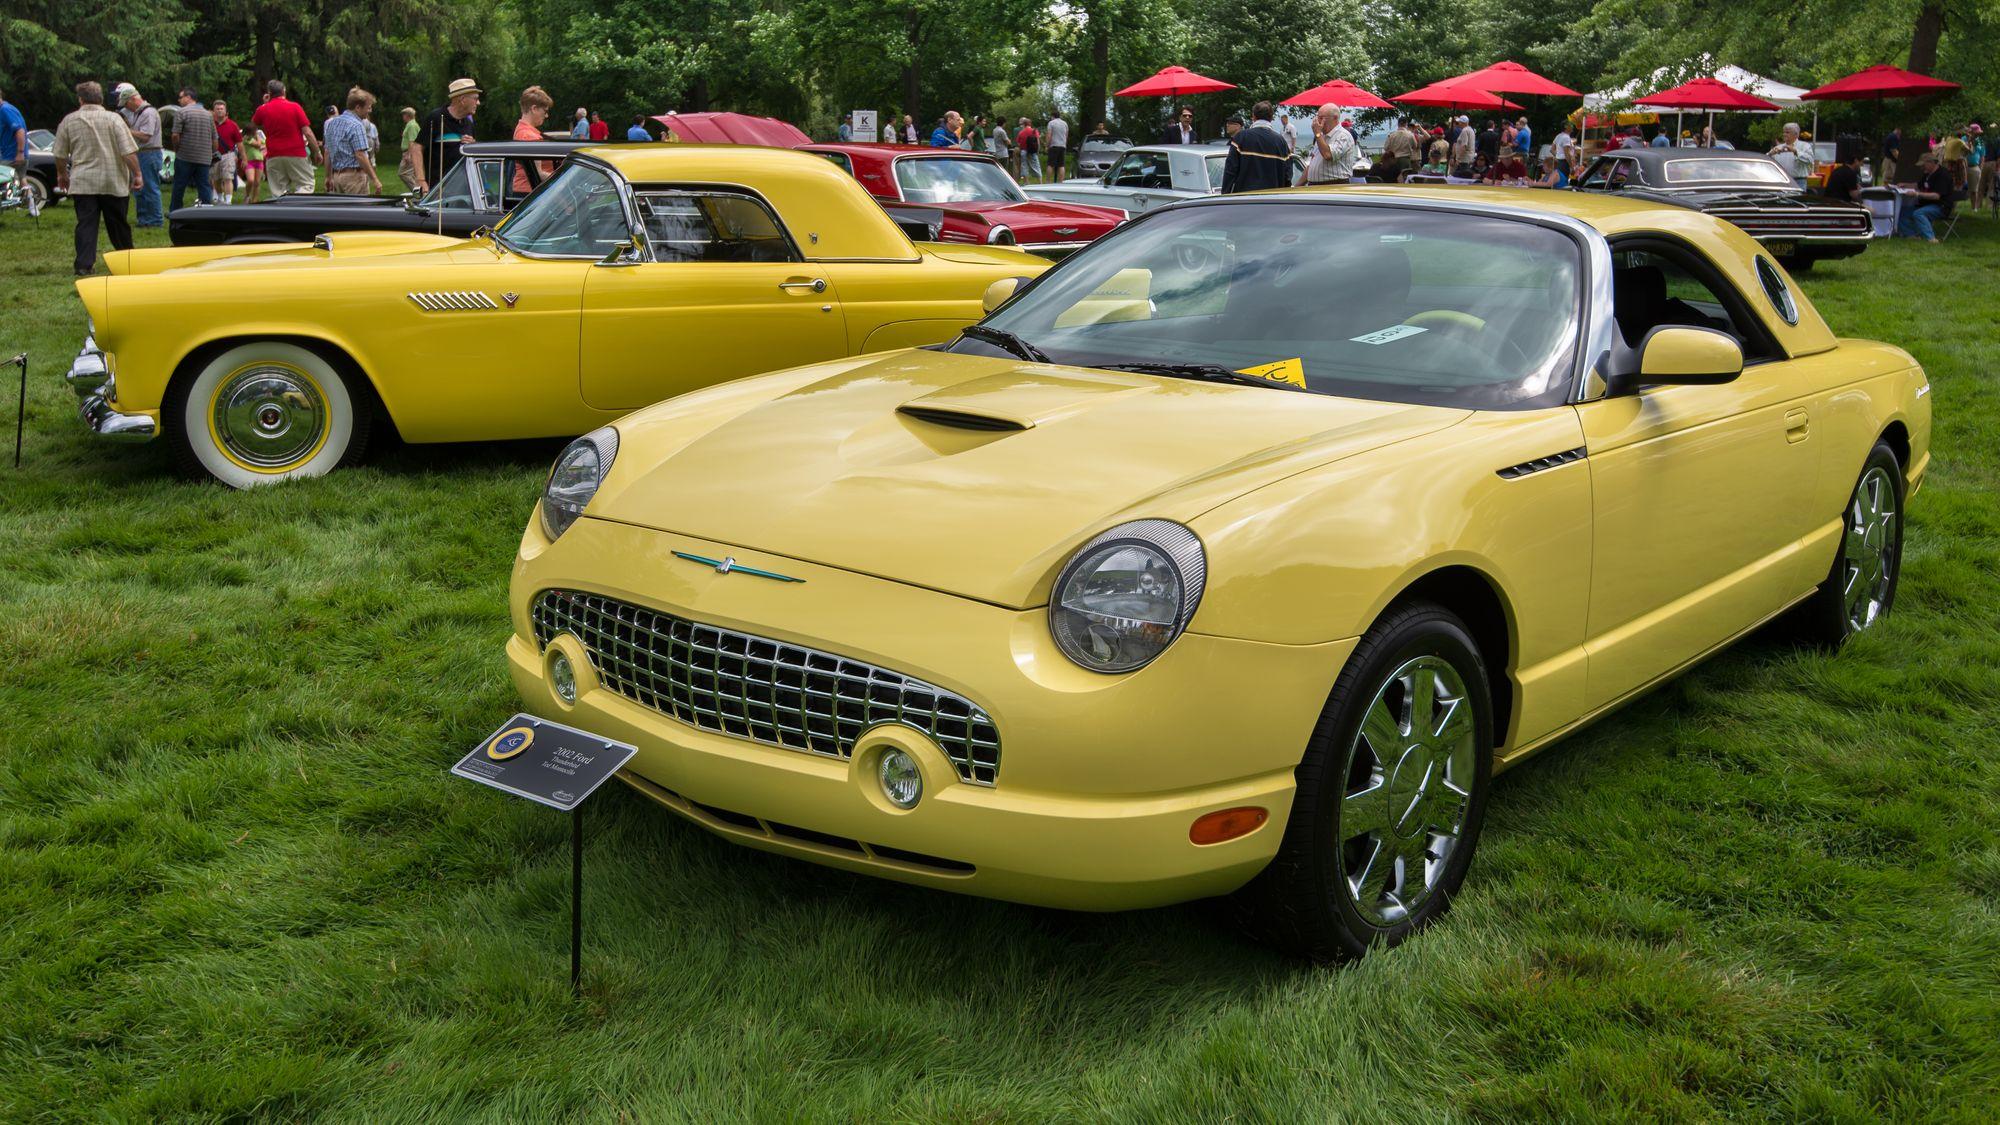 κίτρινο αυτοκίνητο σε εκθεσιακό χώρο